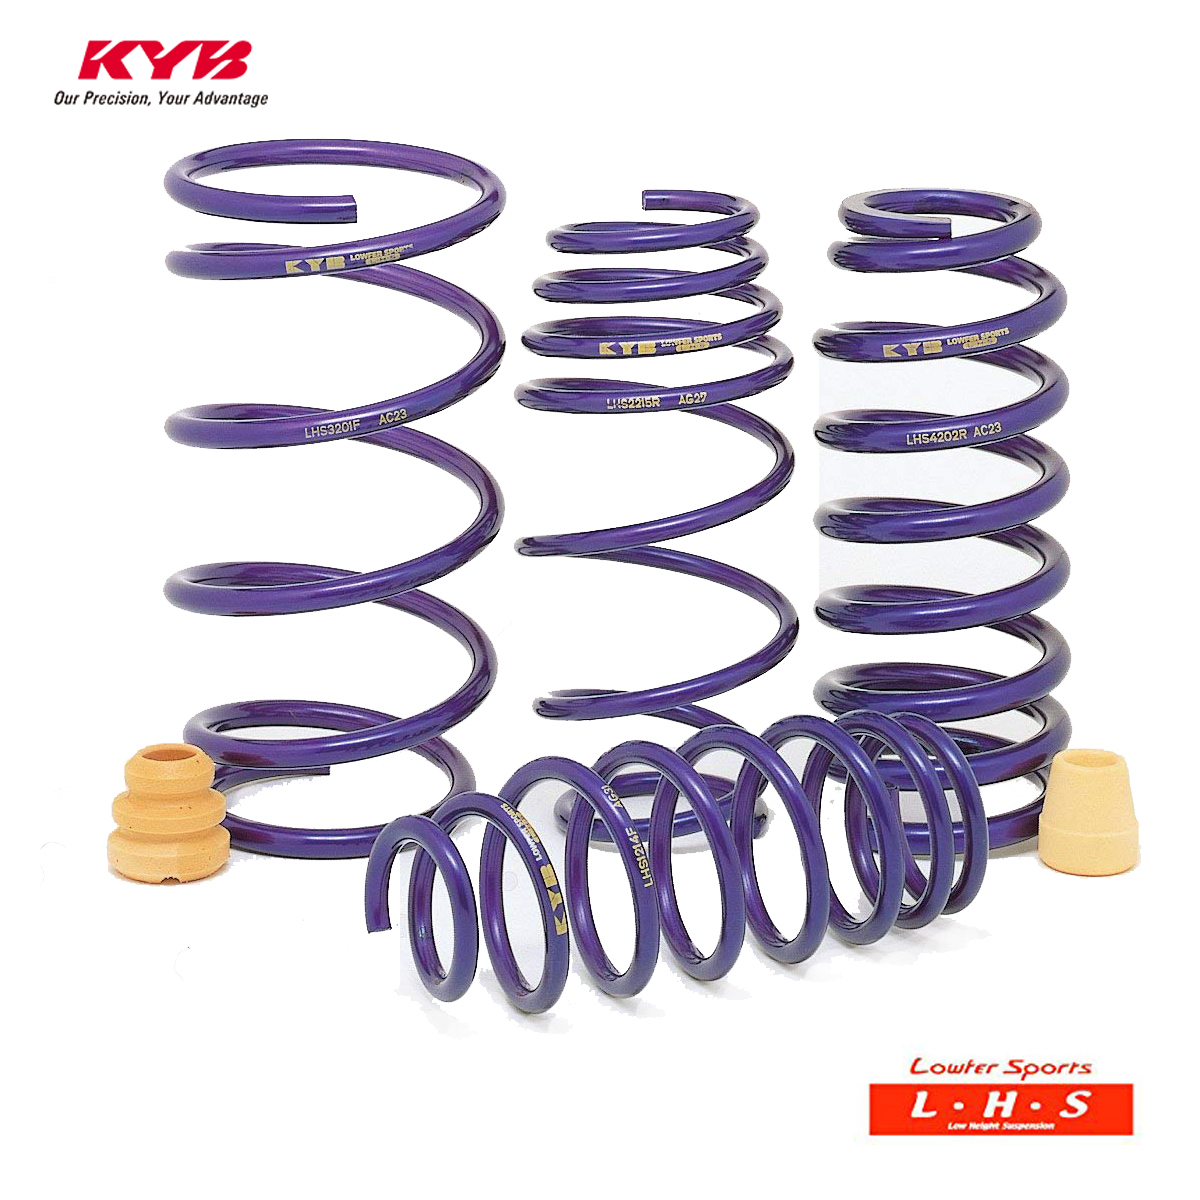 KYB カヤバ プリウス PHV ZVW52 スプリングダウンサス LOWFER SPORTS LHS LHS49102F×2 配送先条件有り